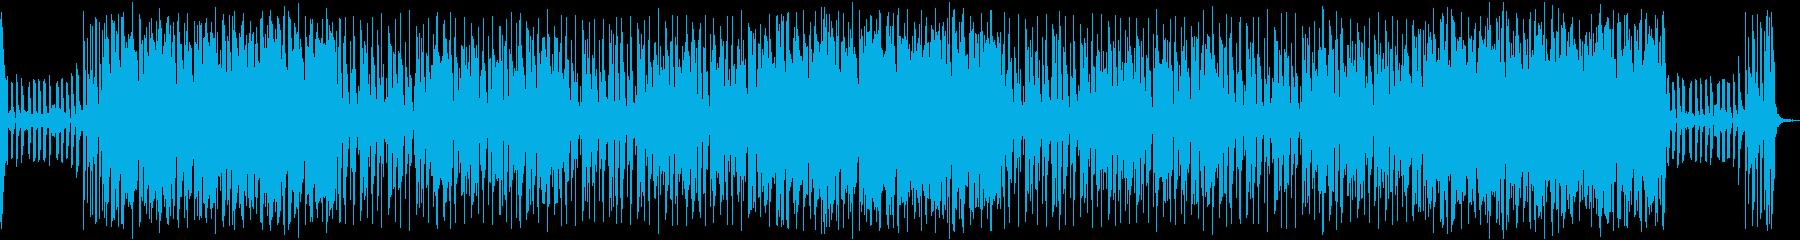 ファンク・クール・かっこいい・テーマの再生済みの波形